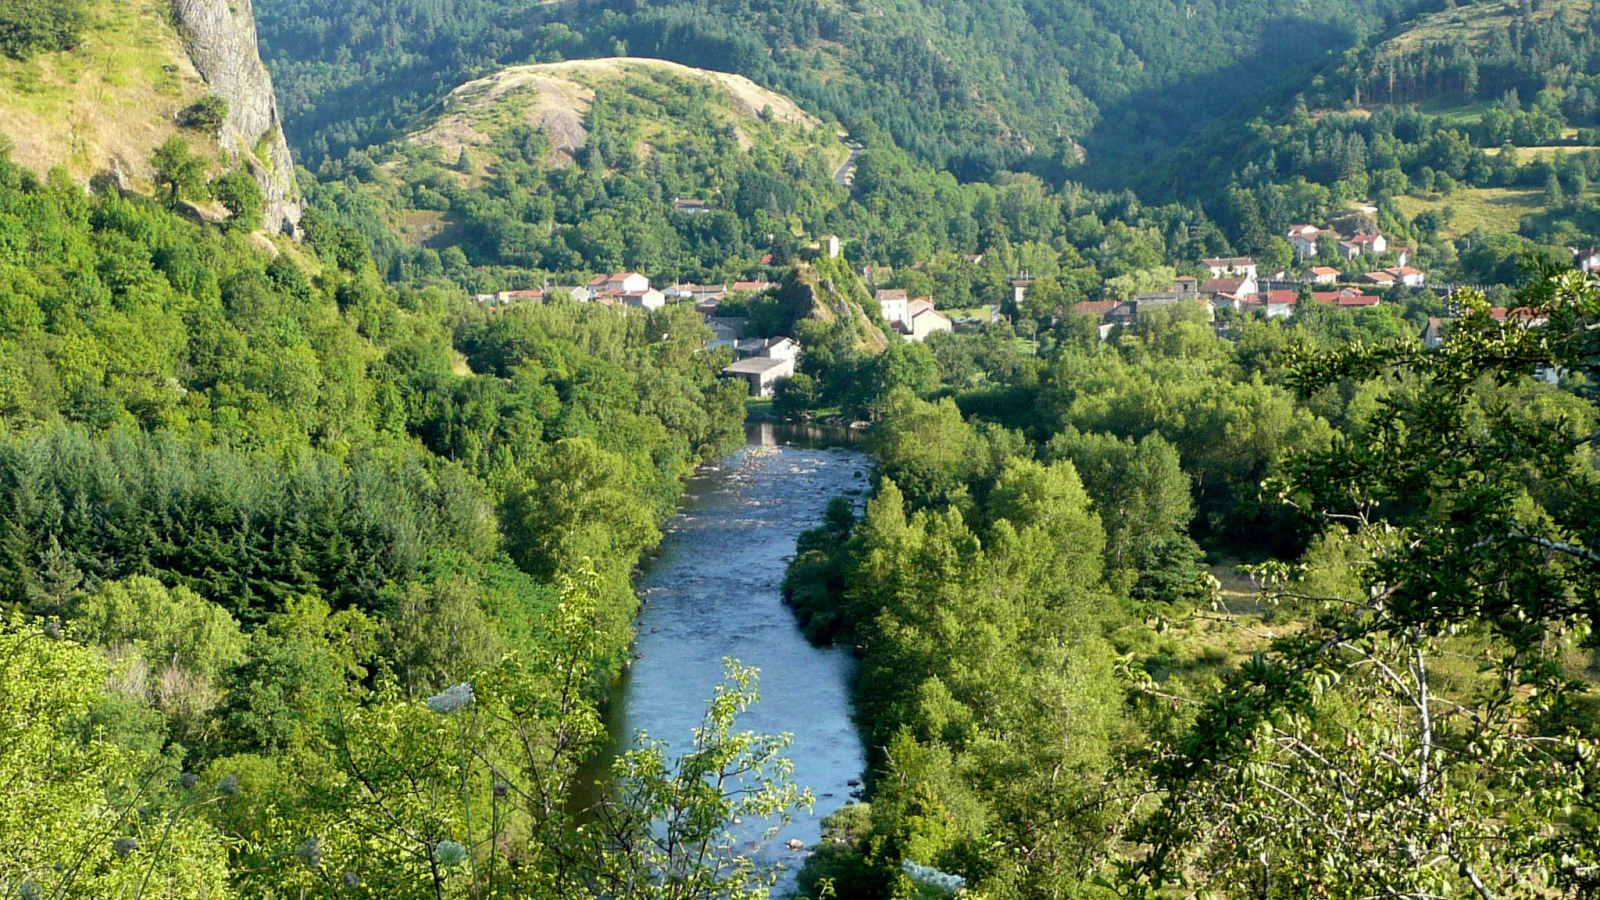 La Pèlerine - Les gorges de l'Allier